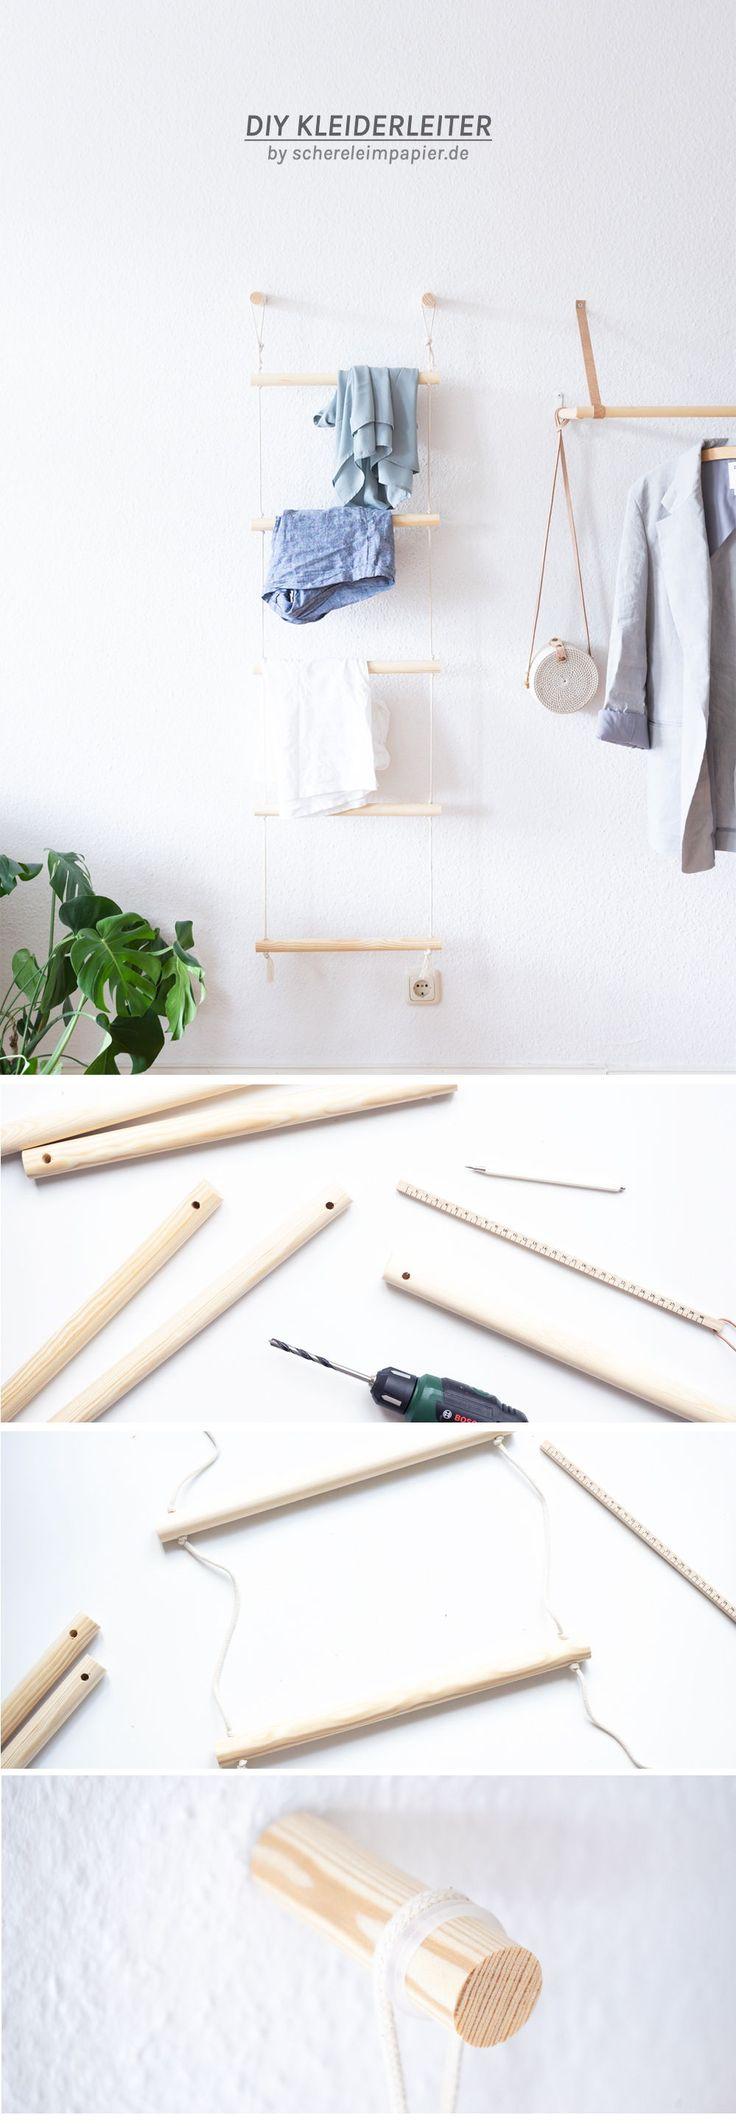 Ordnung schaffen mit Stil: DIY Kleiderleiter bauen